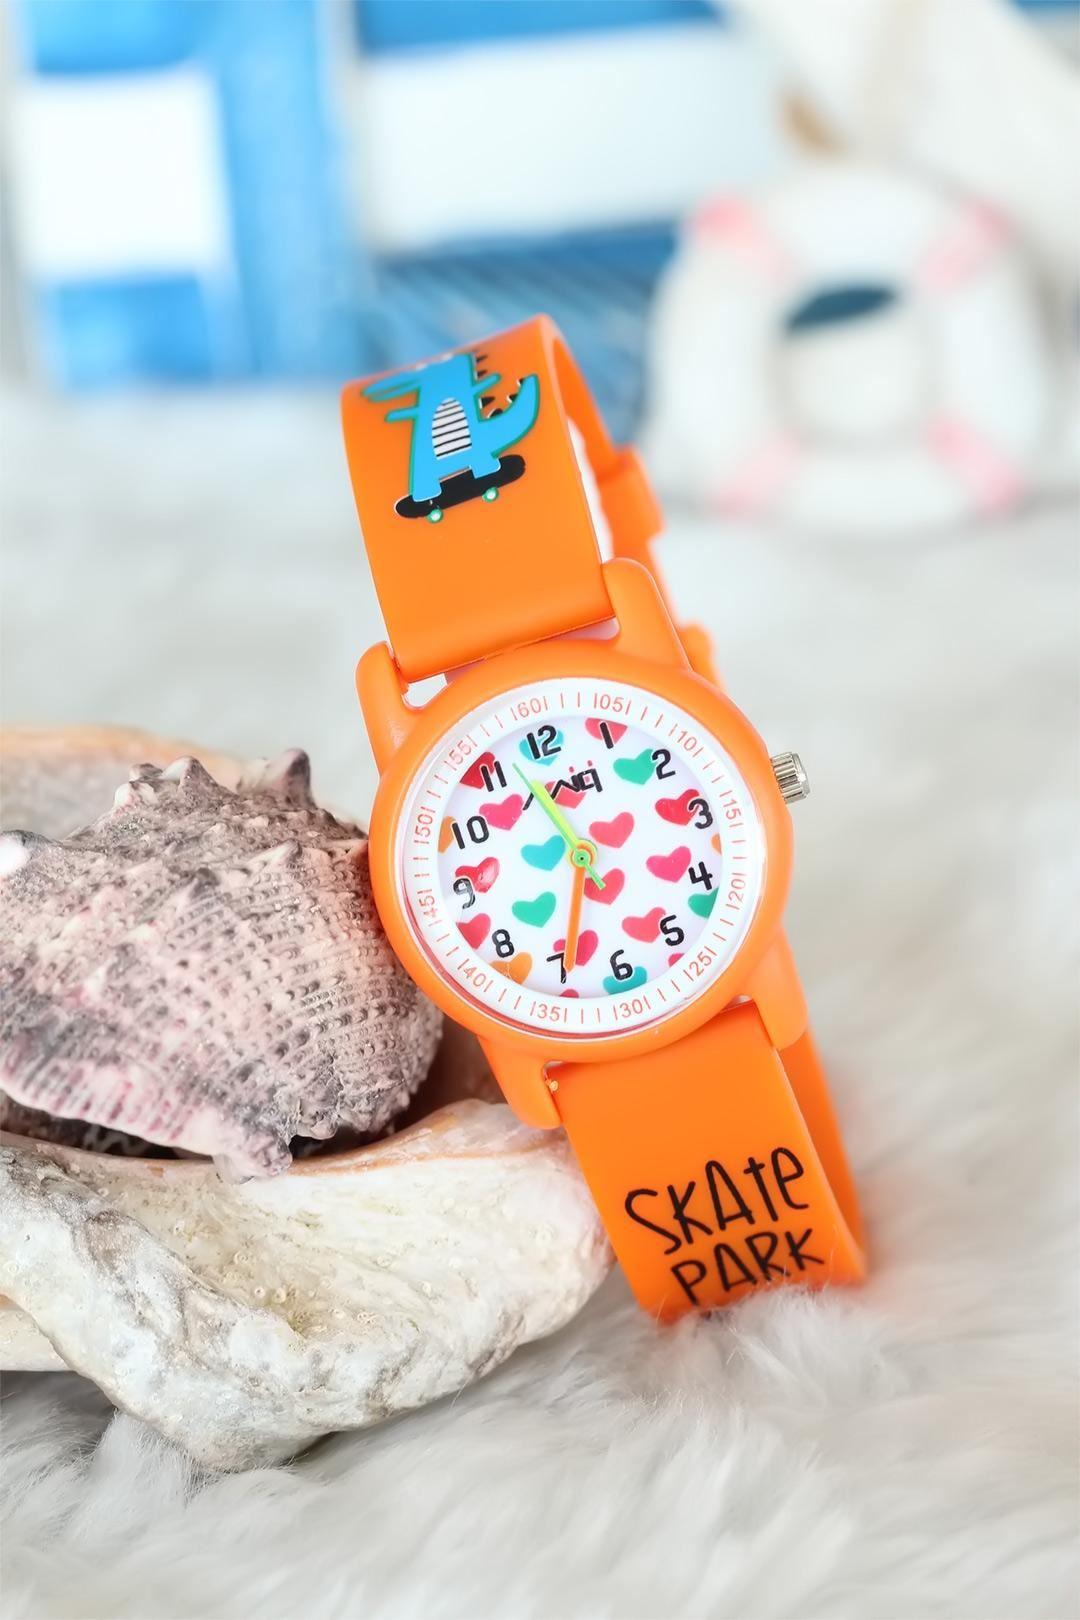 Turuncu Renk Silikon Kordonlu Dinazor Tasarımlı Çocuk Saati